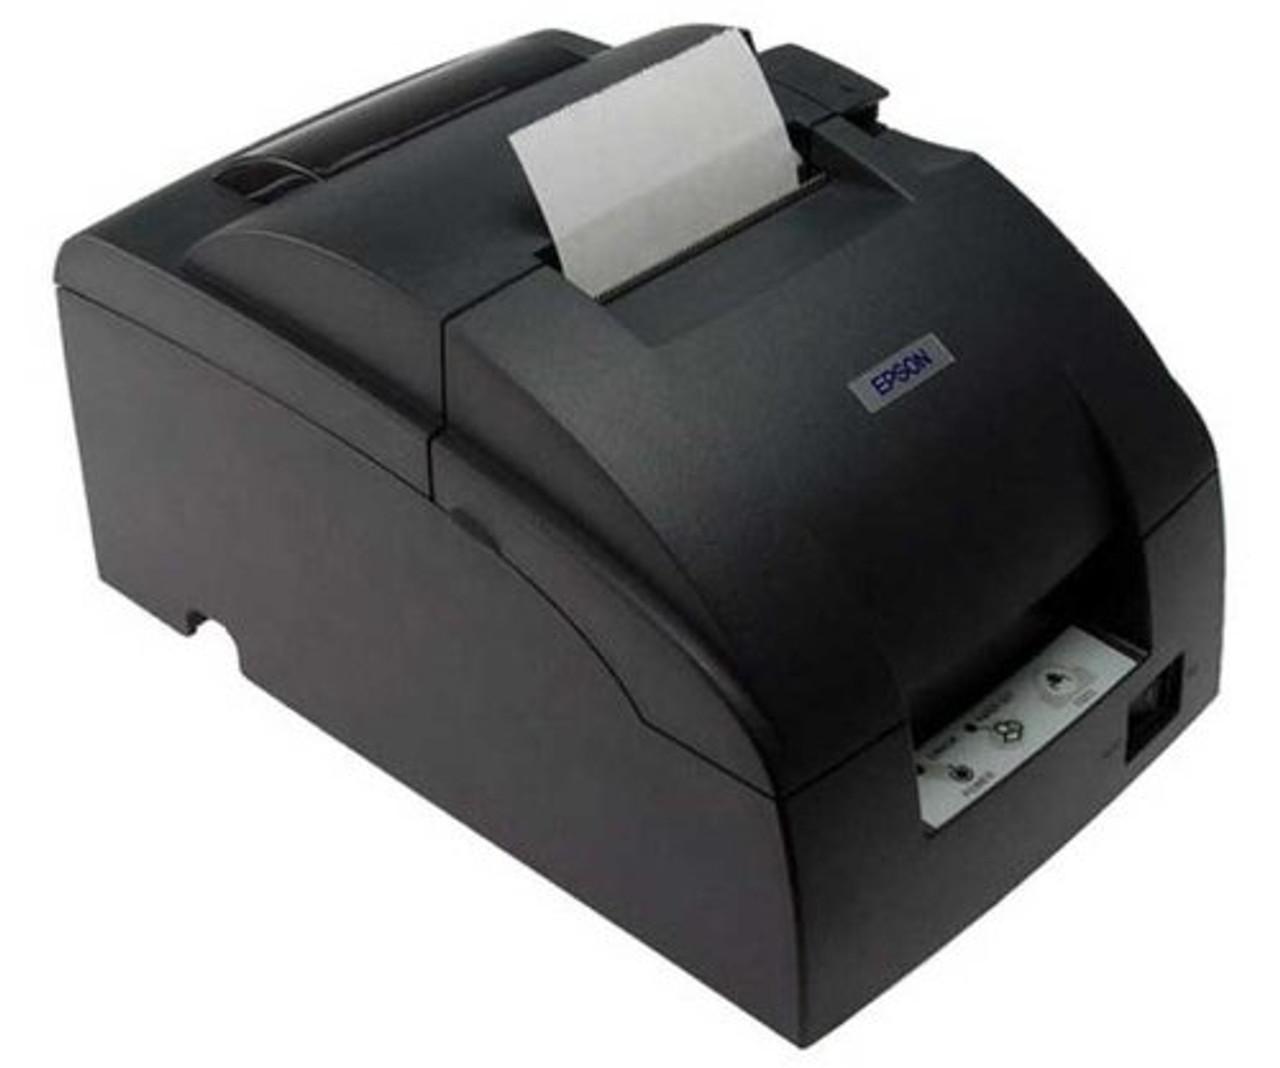 Epson C31C515653 TM-U220D Receipt Printer